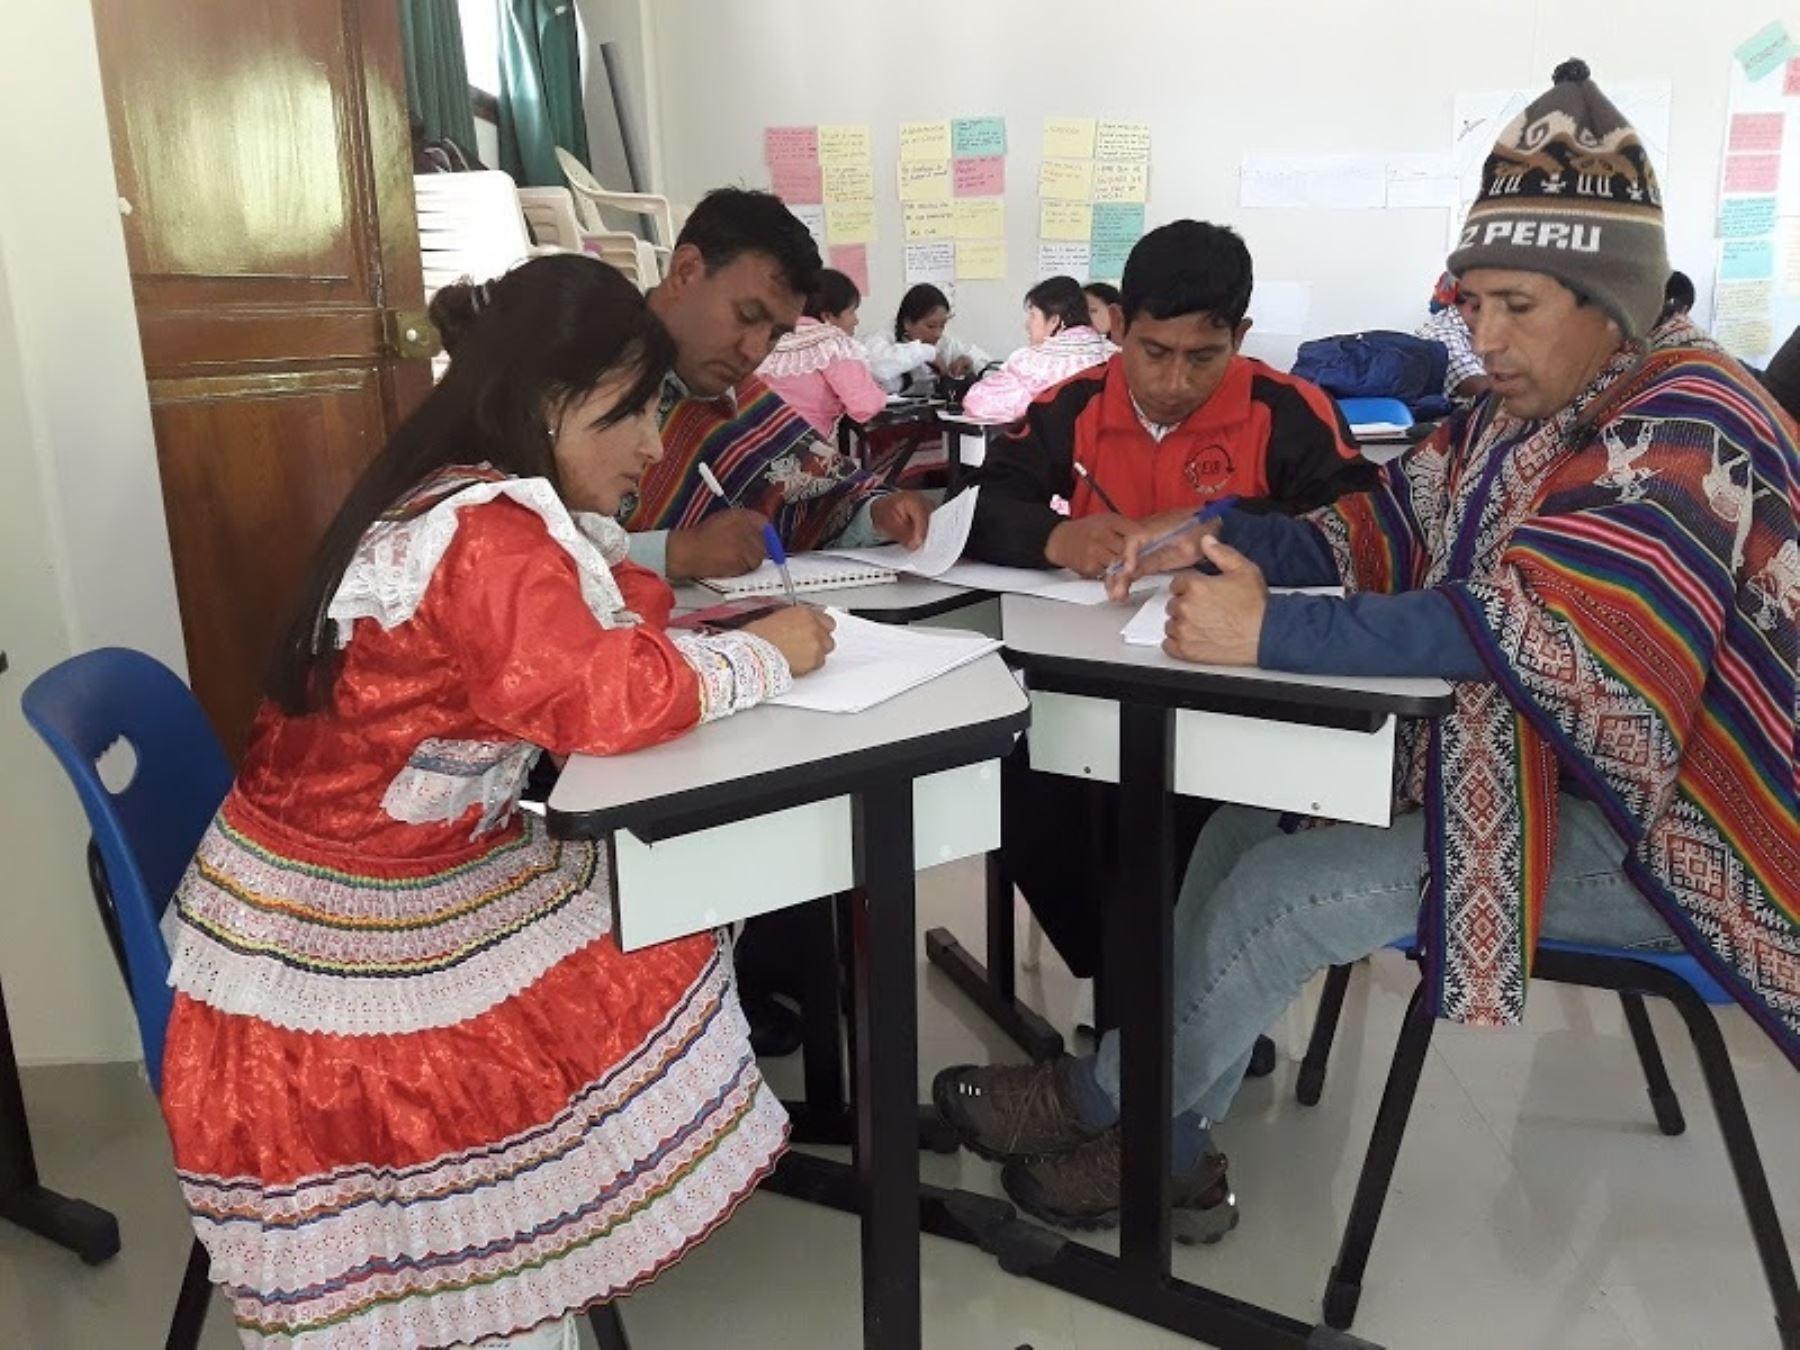 El Ministerio de Educación presentó el manual de escritura y el vocabulario pedagógico del quechua central que se habla en seis regiones del país. ANDINA/Difusión